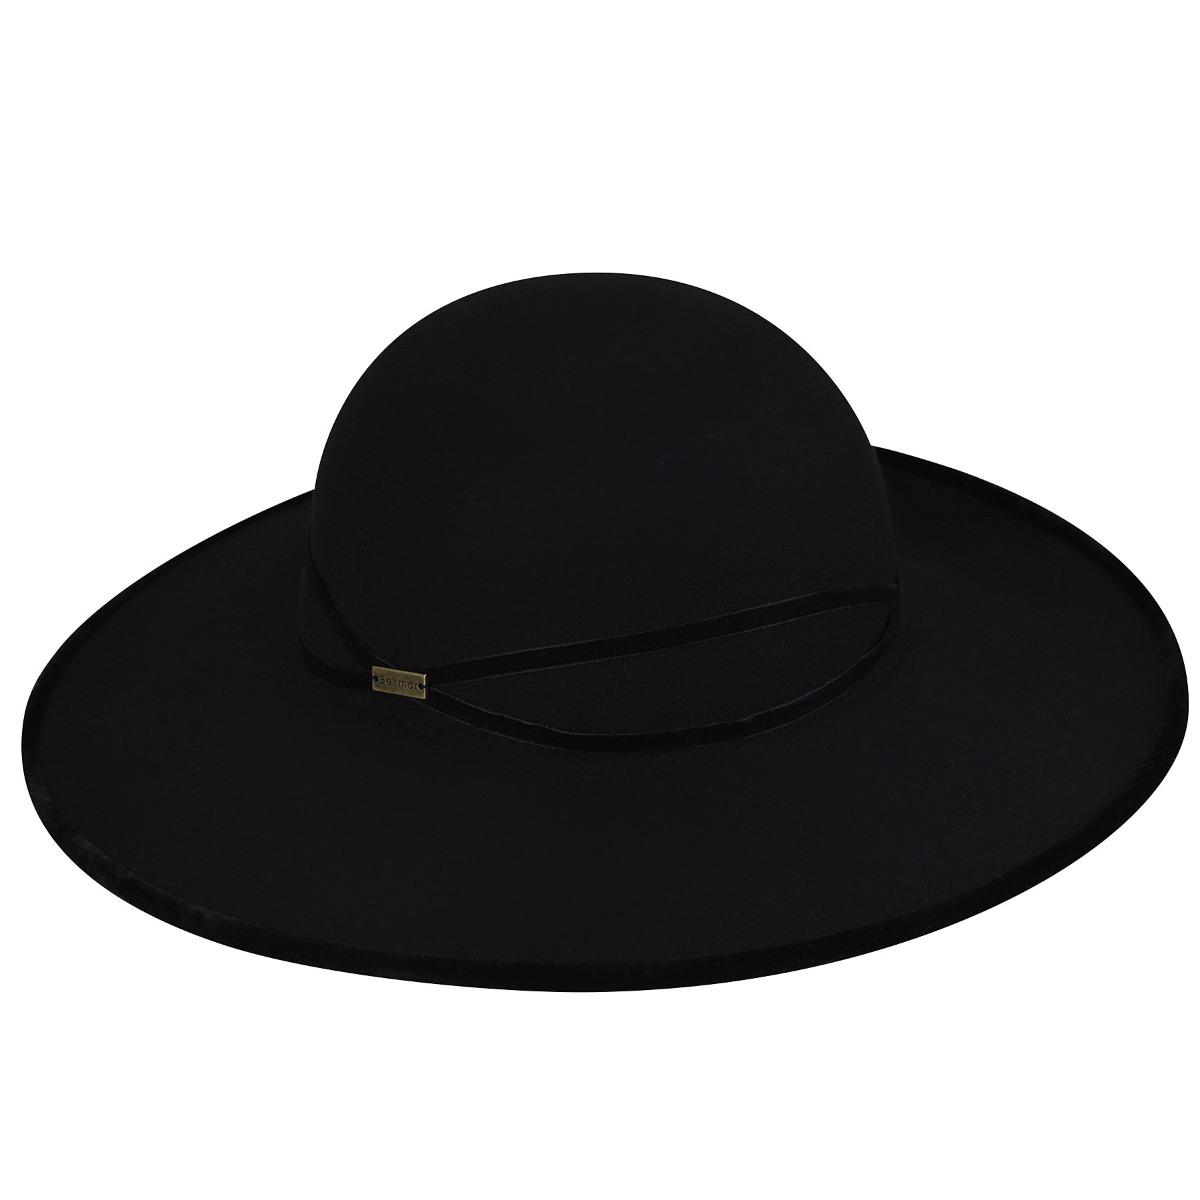 Betmar Marseille Wide Brim Hat in Black